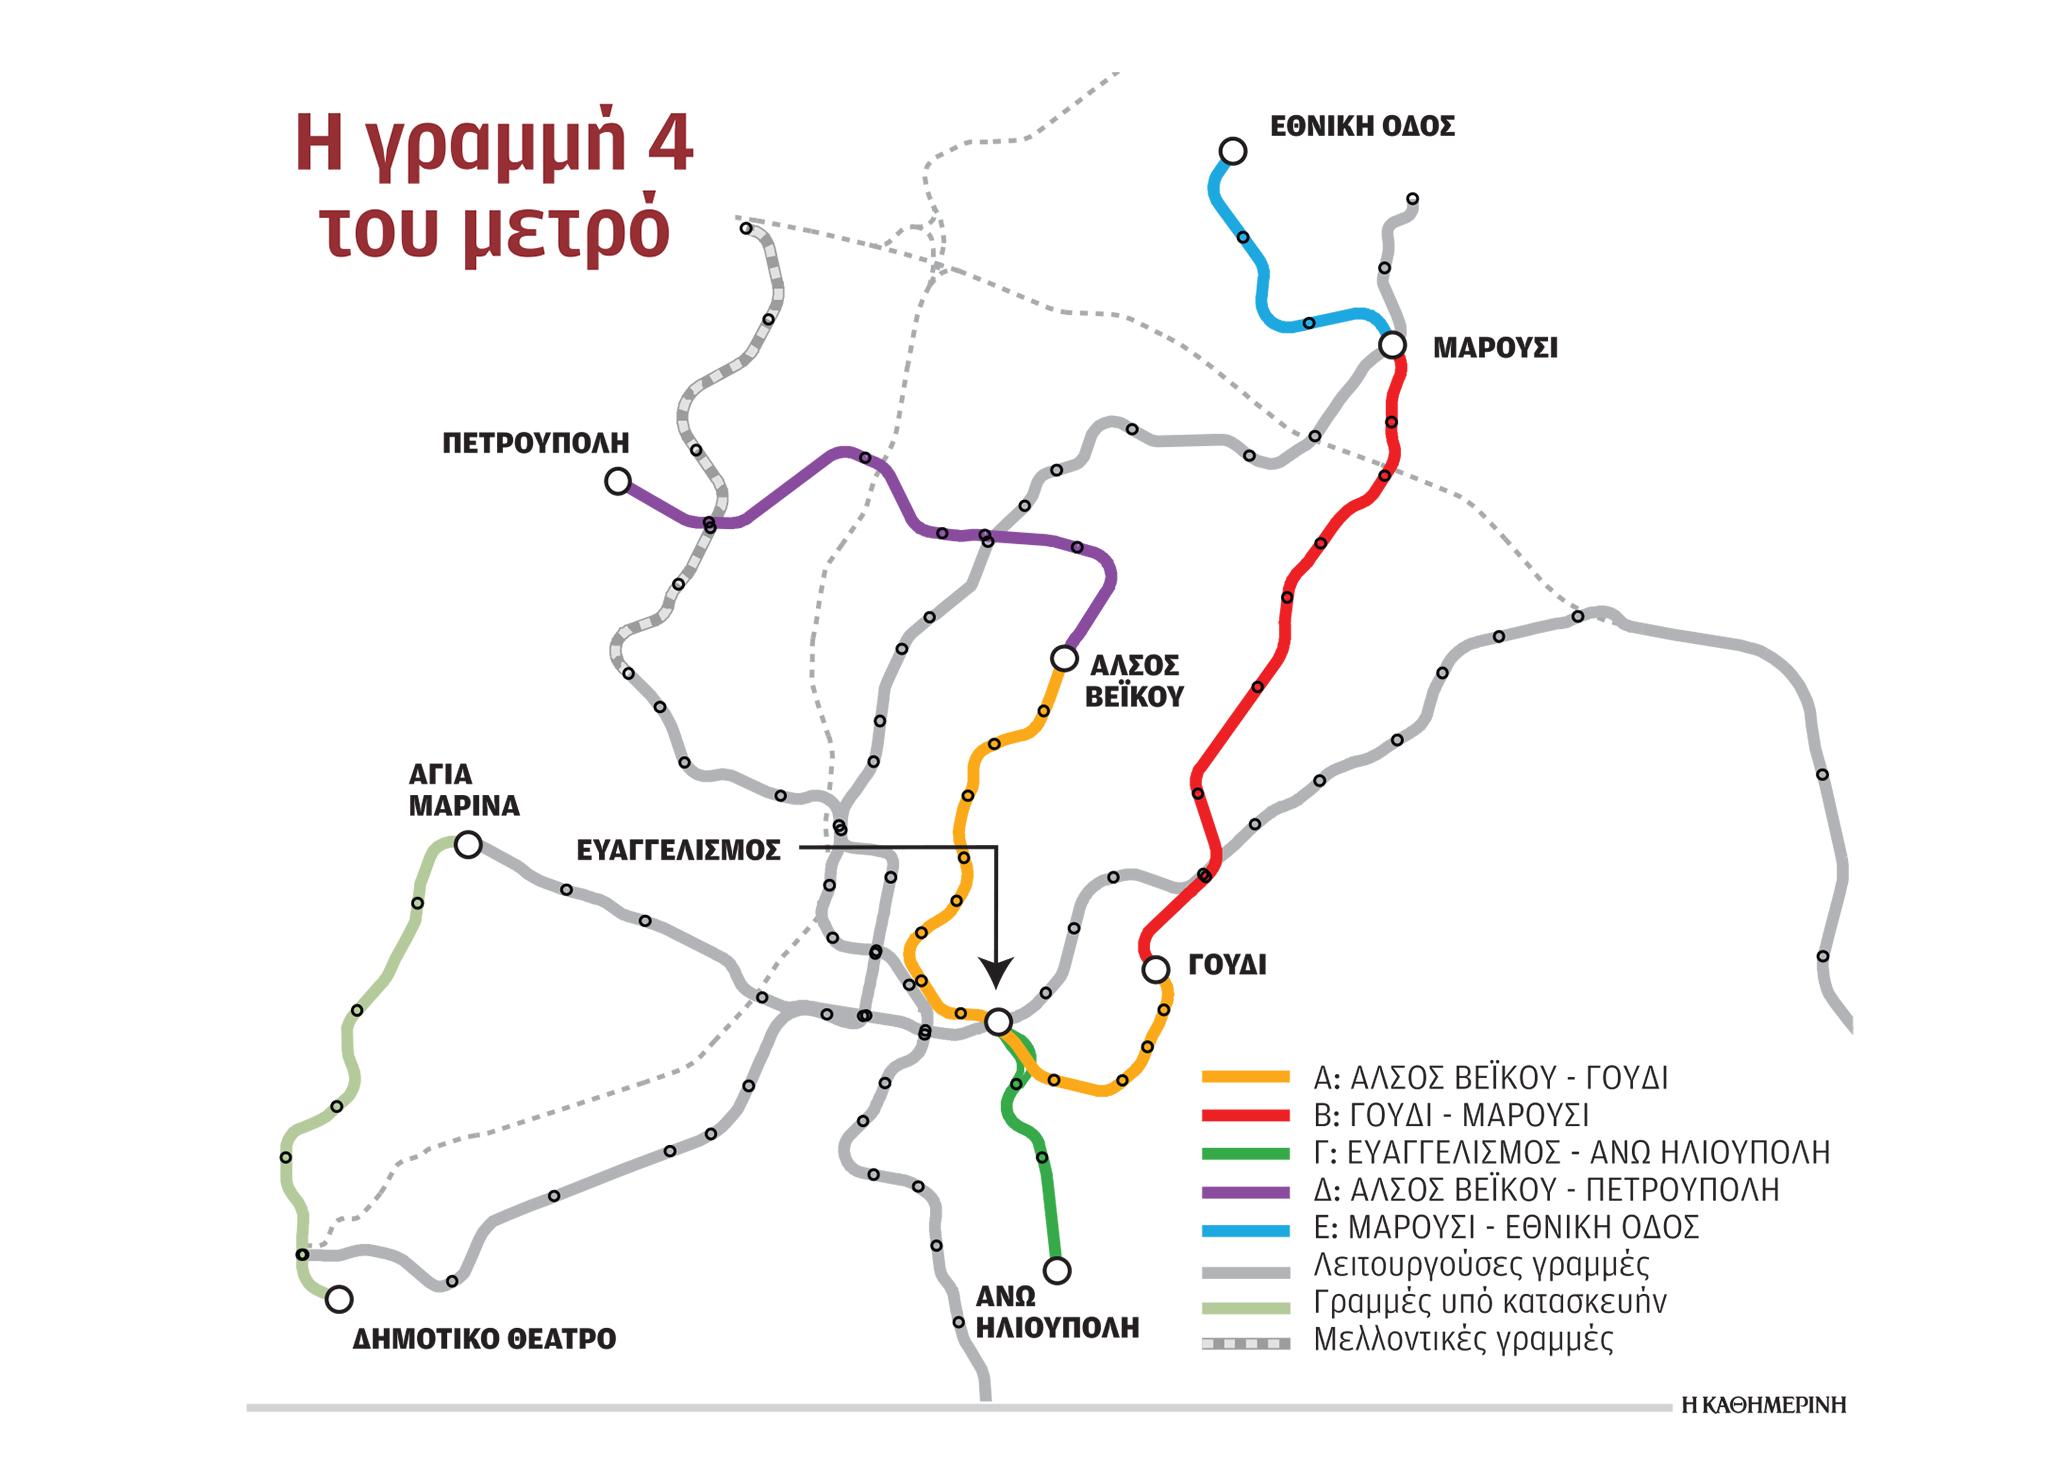 metro-nees-epektaseis-pros-glyfada-kallithea-ilion-petroypoli-kai-ethniki-odo1